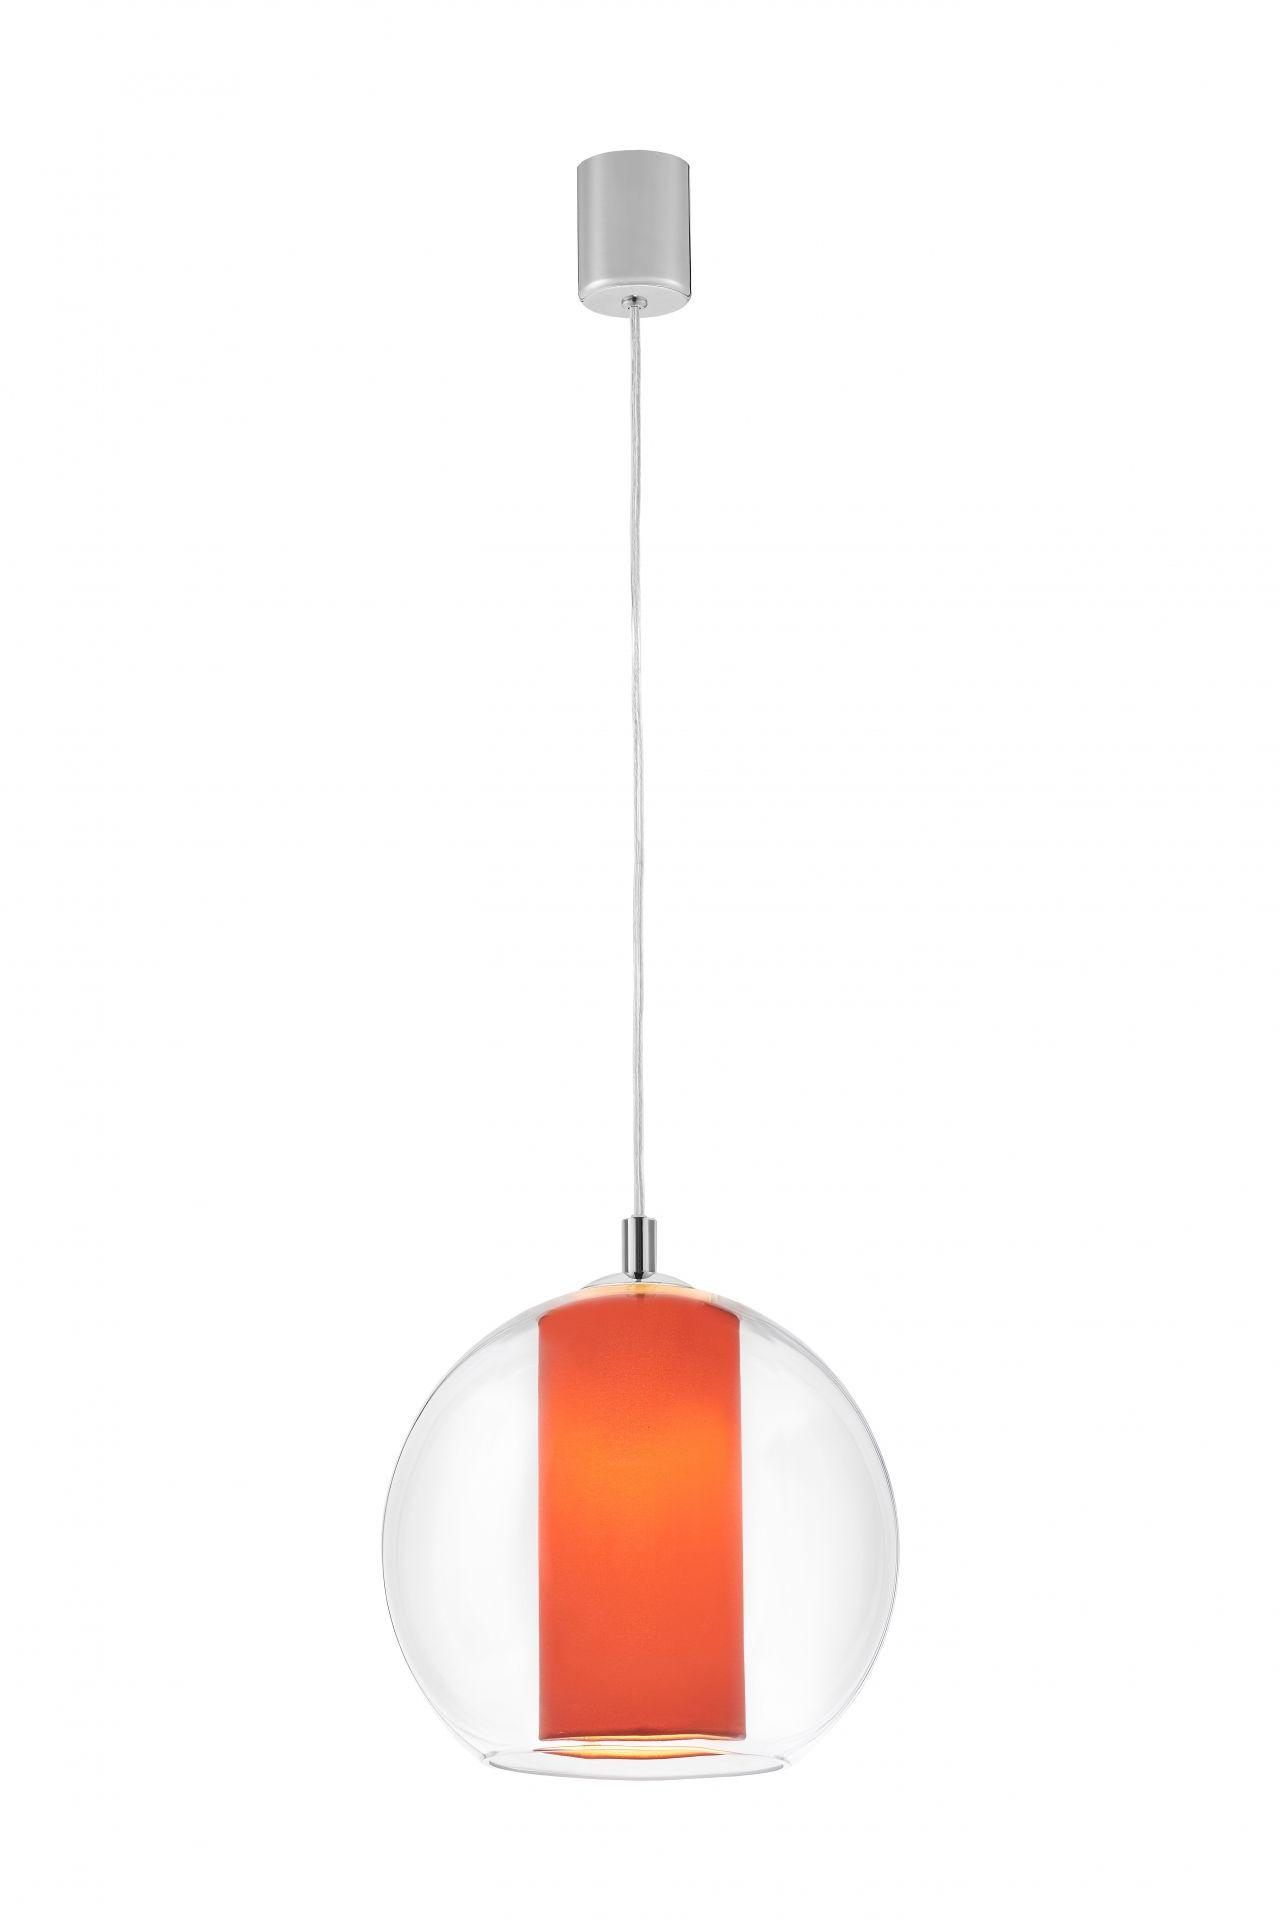 Lampa wisząca Merida M 10409111 KASPA szklana oprawa w kolorze koralowym